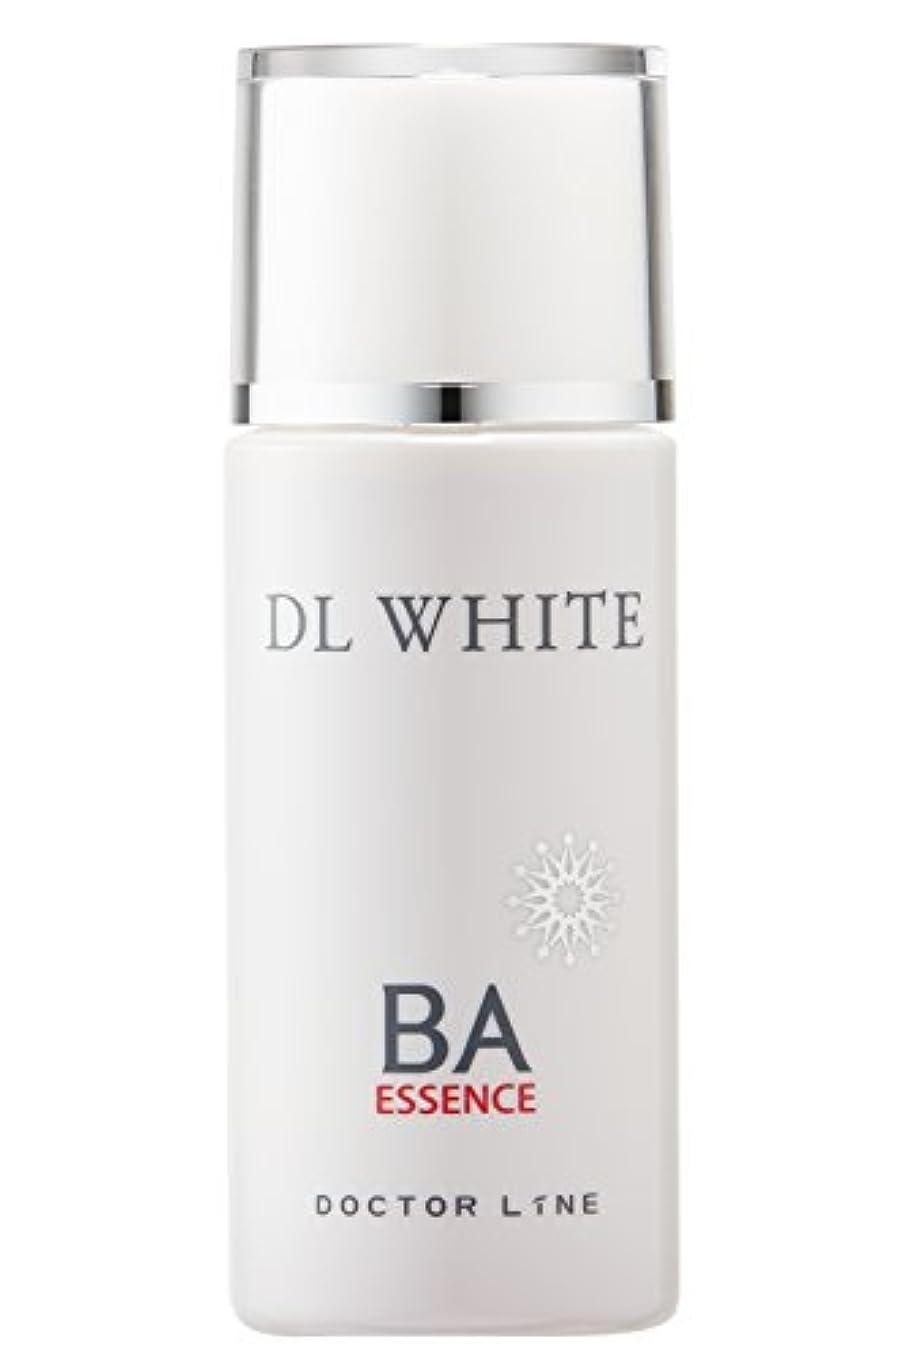 針形式炭水化物ドクターライン(Doctor Line) DLホワイト BAエッセンス